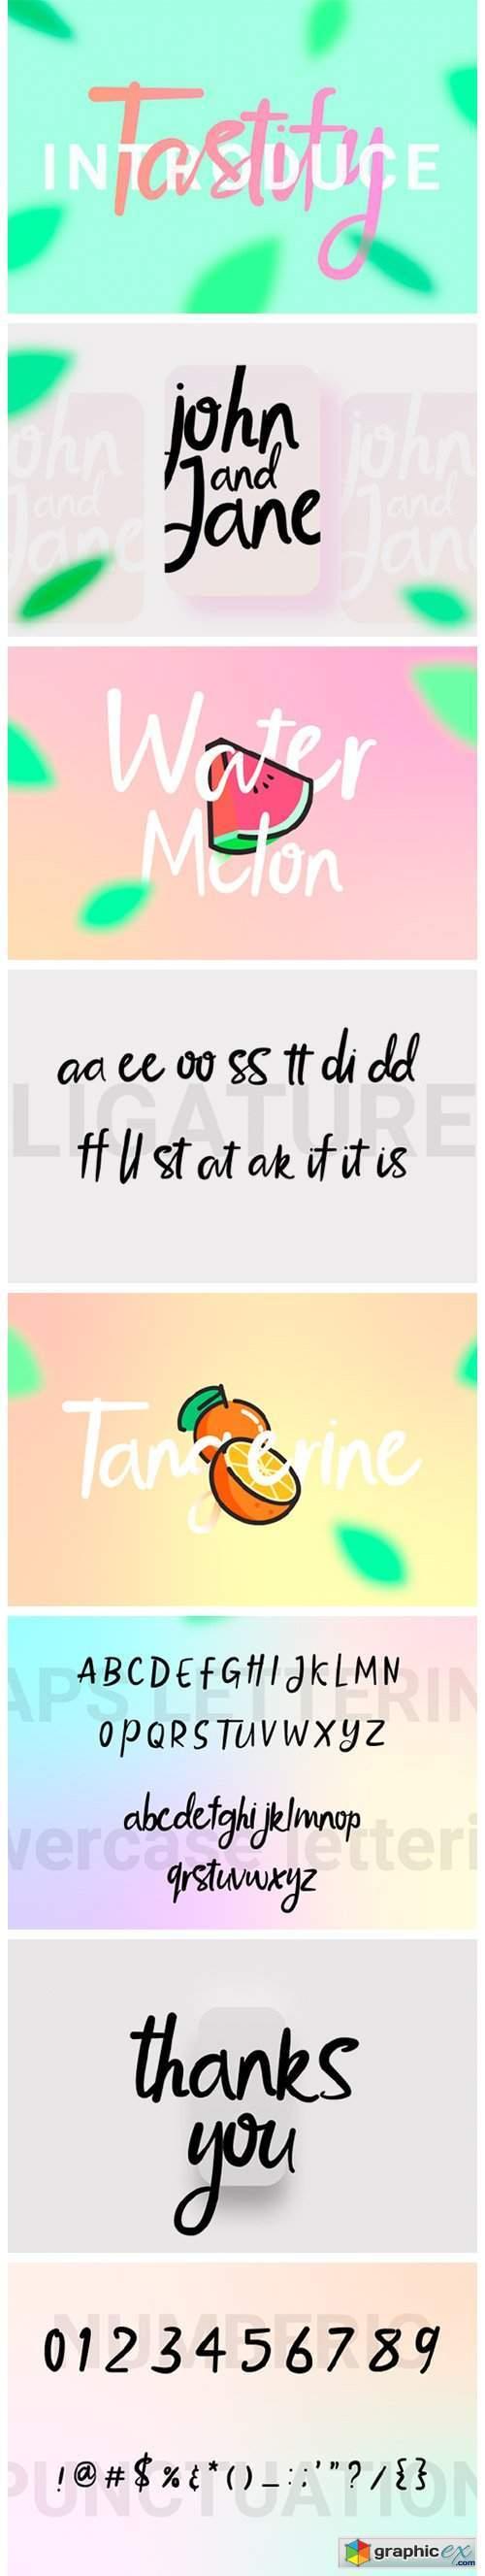 Tastify Font